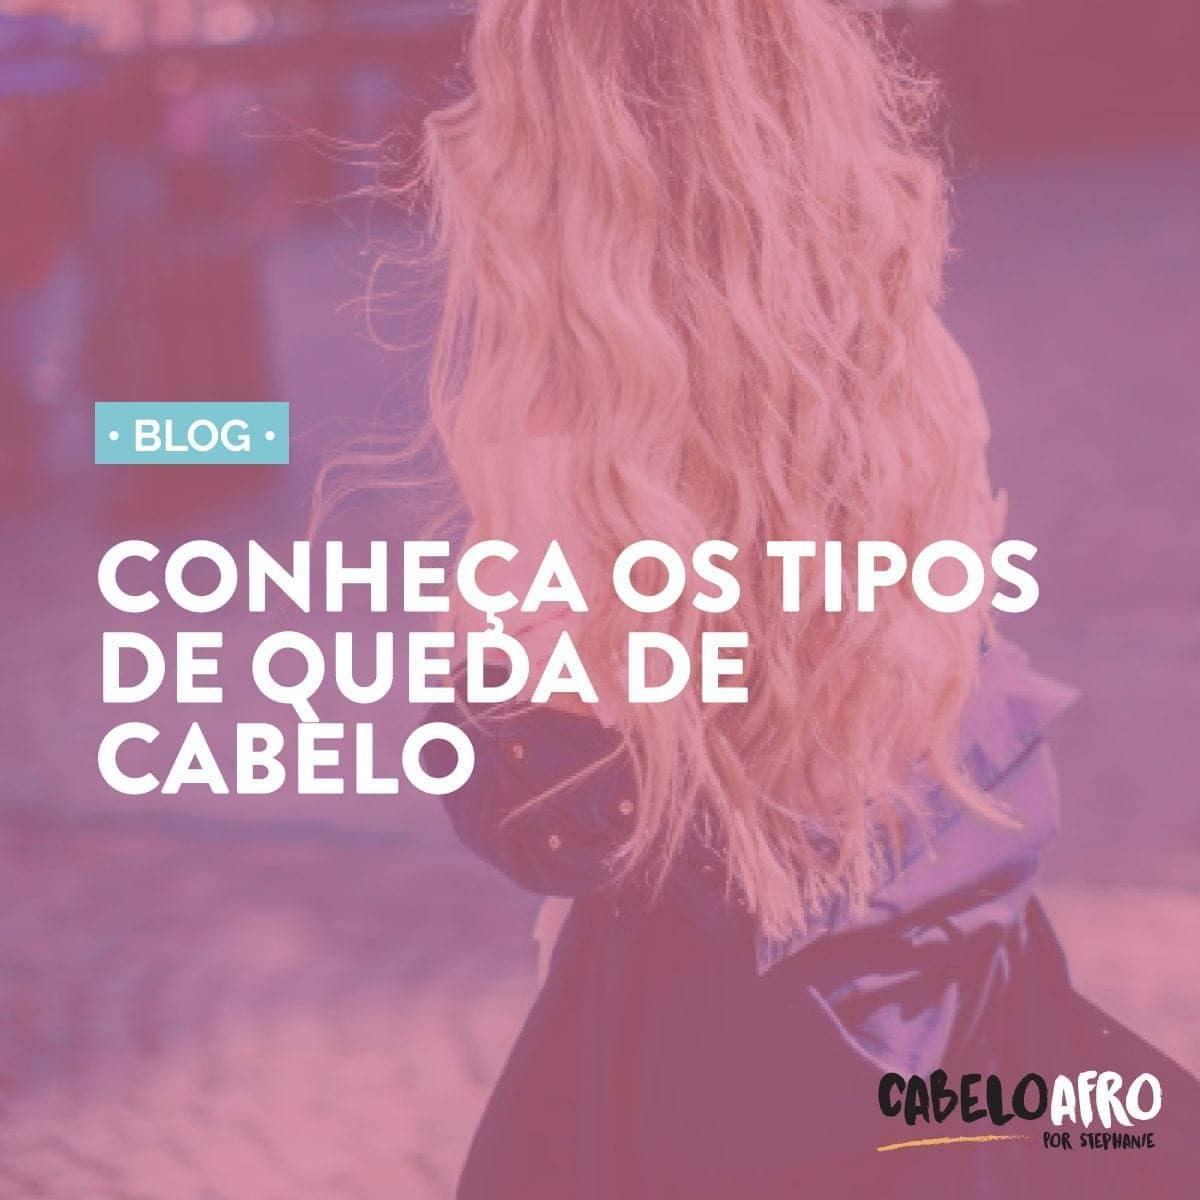 TIPOS DE QUEDA DE CABELO 3226696 6990137